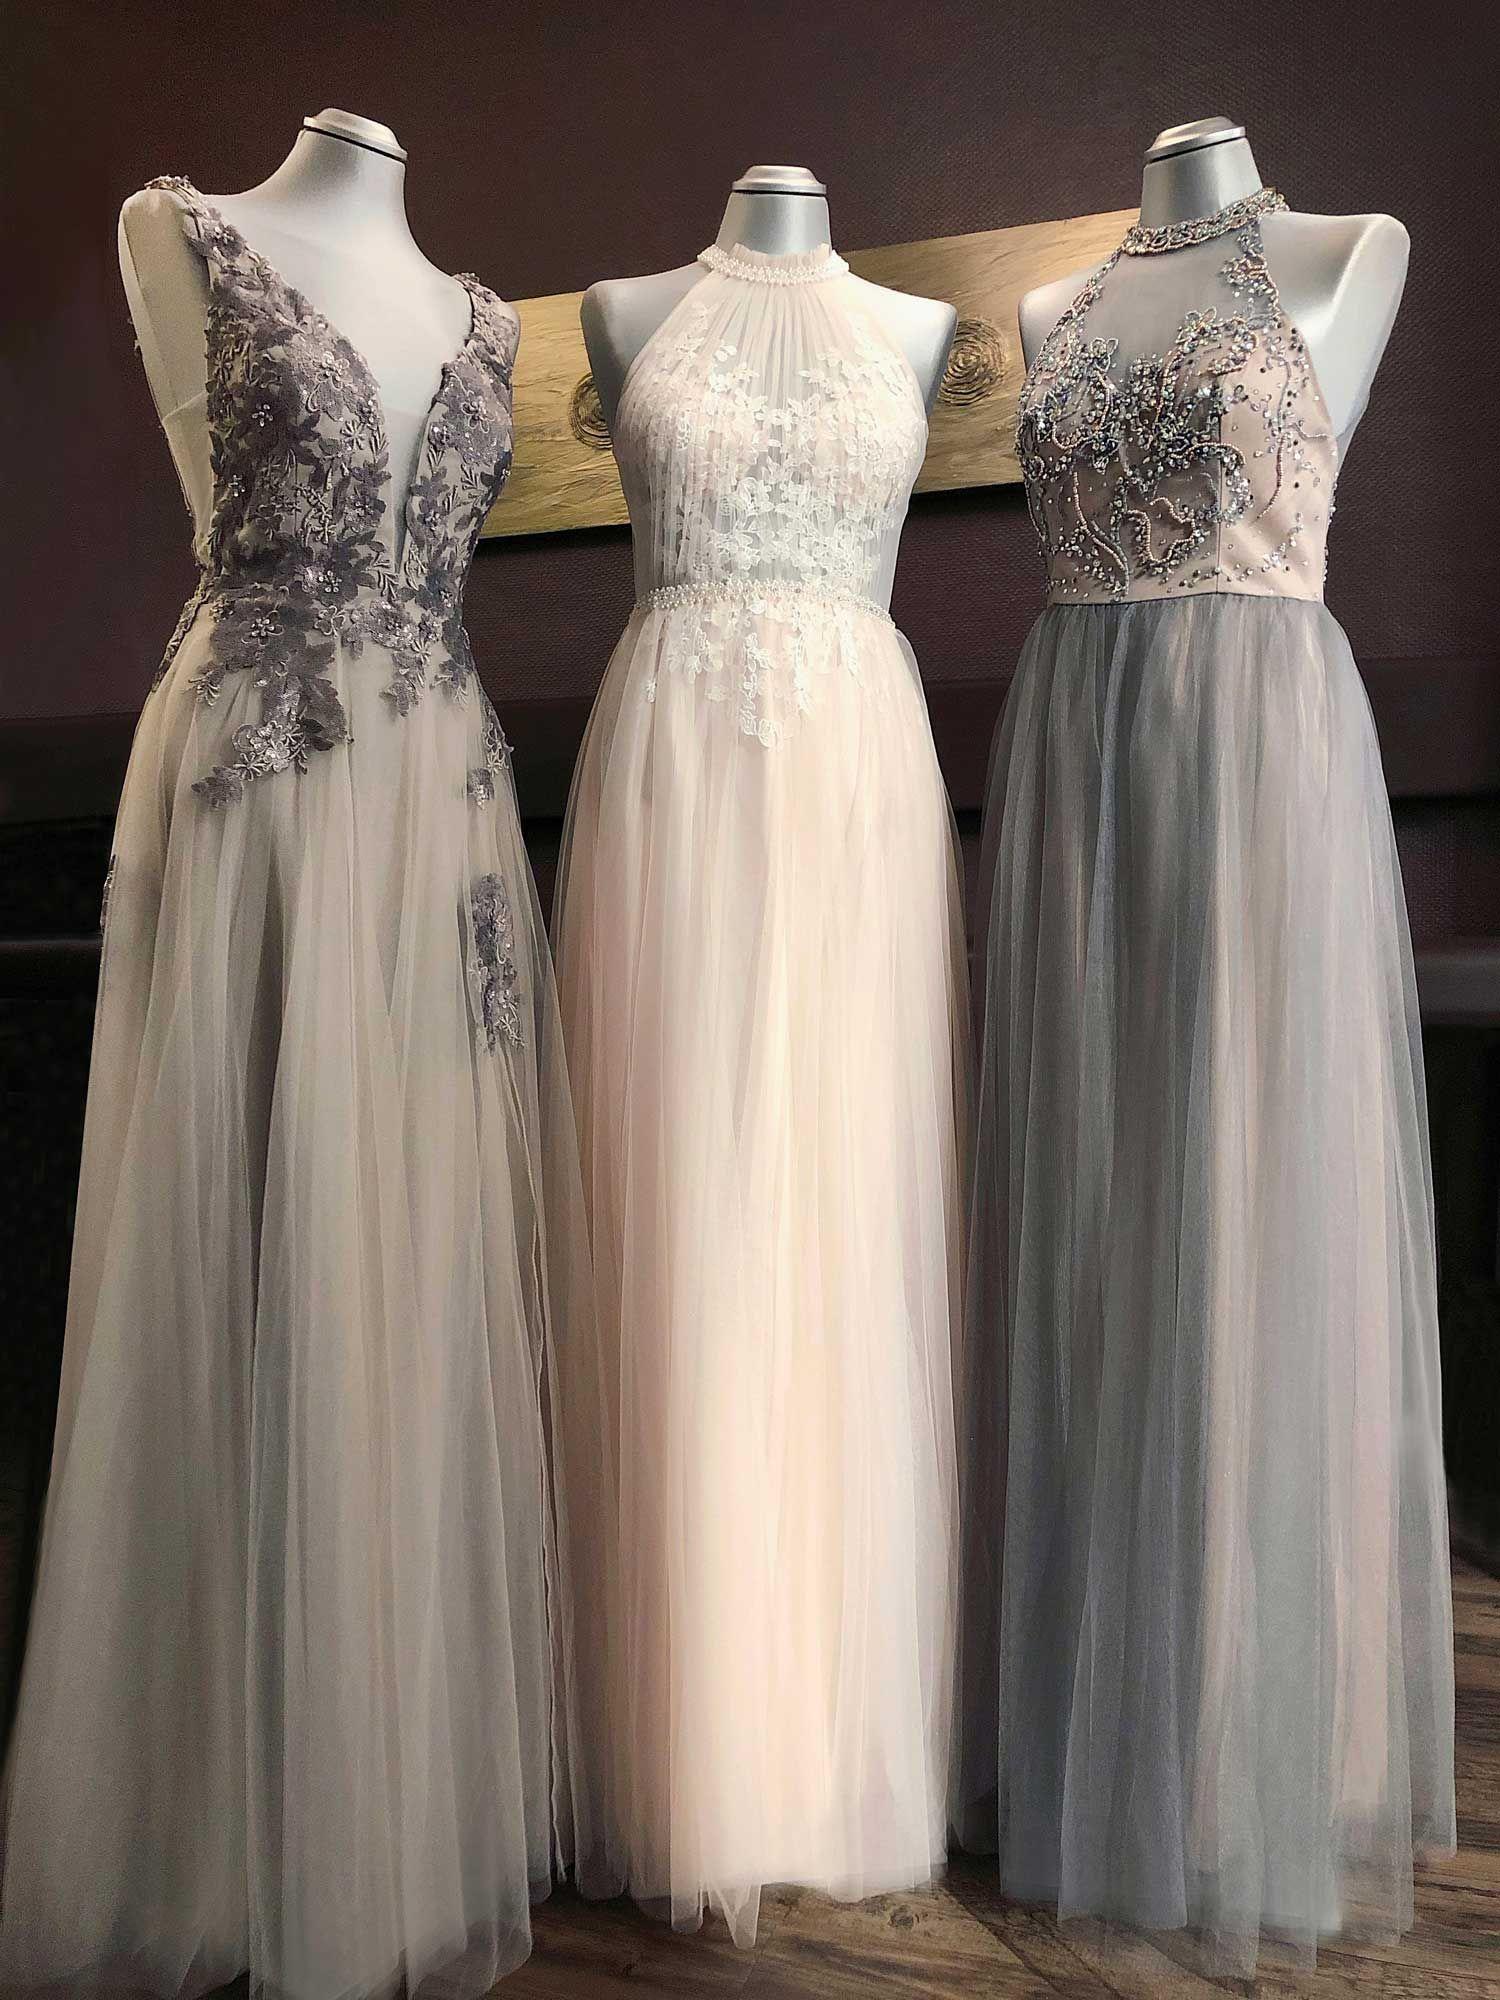 Pin Von Suzelle Auf Dresses Abschlussball Kleider Brautjungfern Kleider Kleid Hochzeit